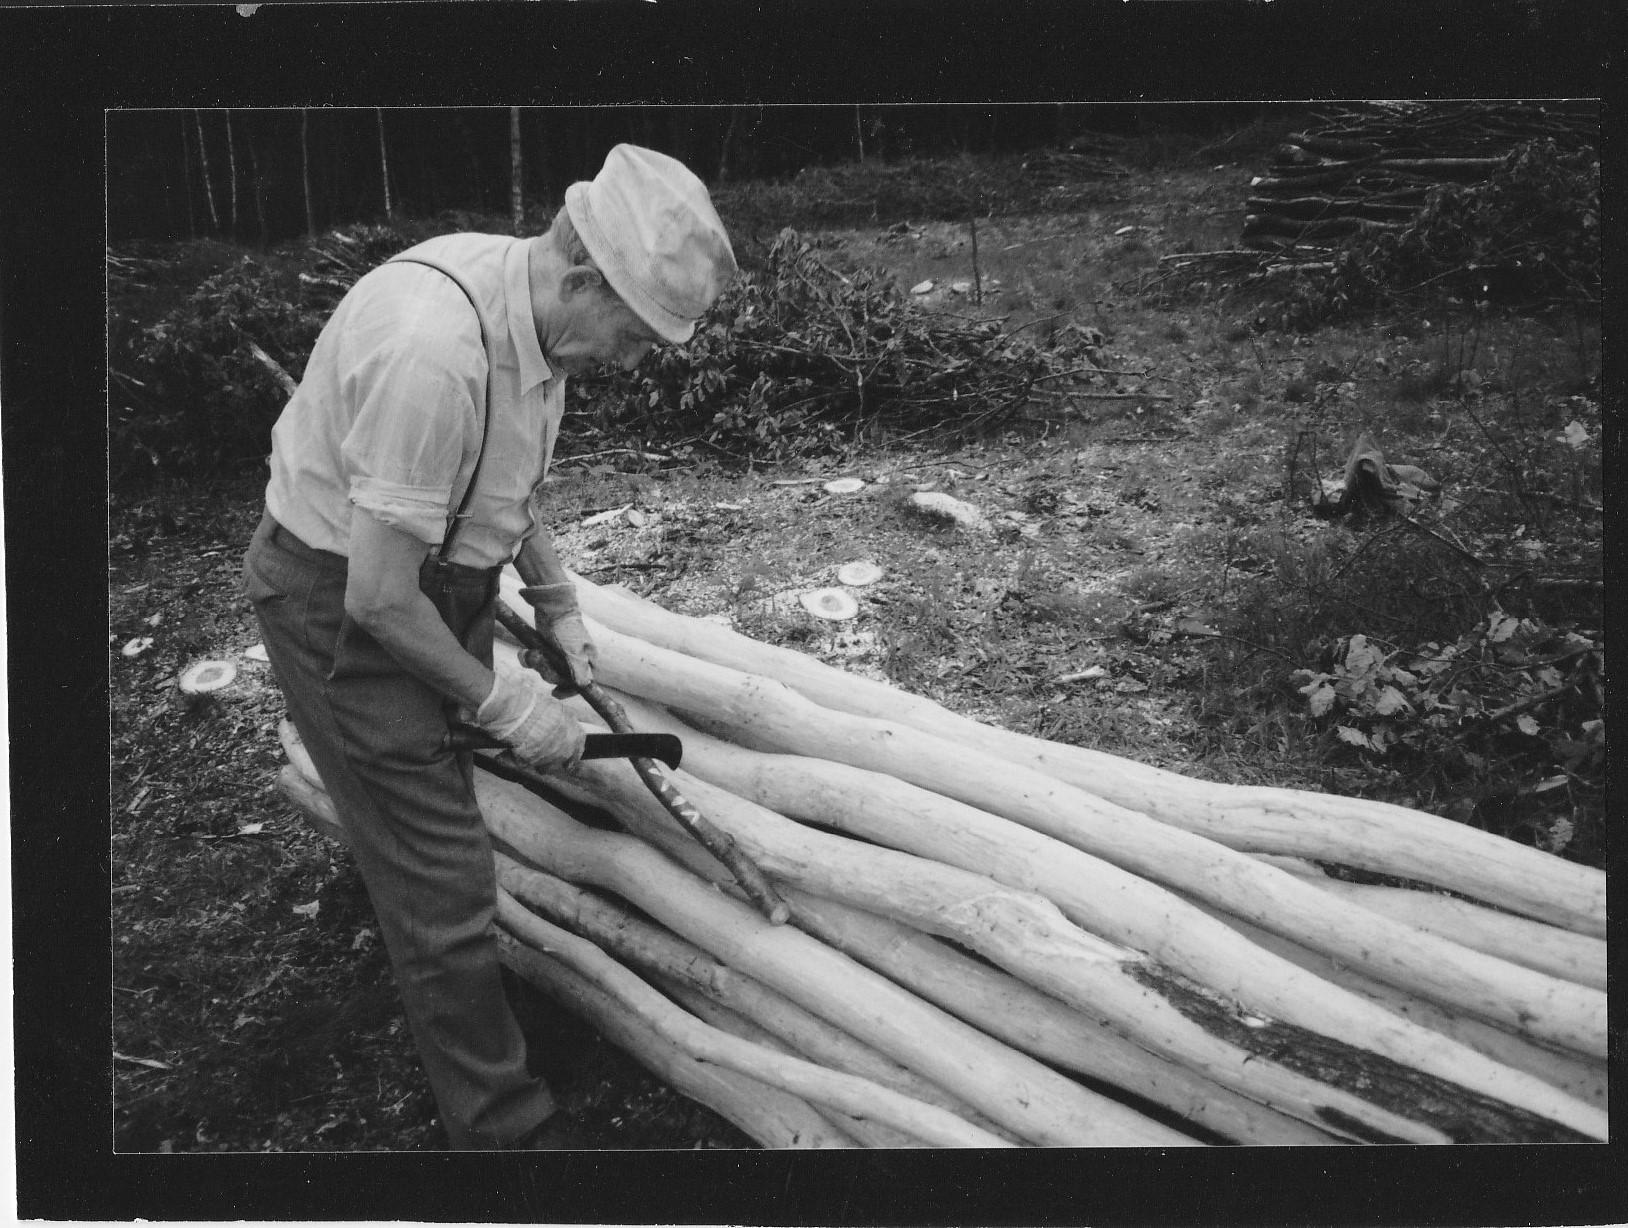 Im Hauberg. Ein Senior ritzt mit einer Sichel Markierungen in einen Ast